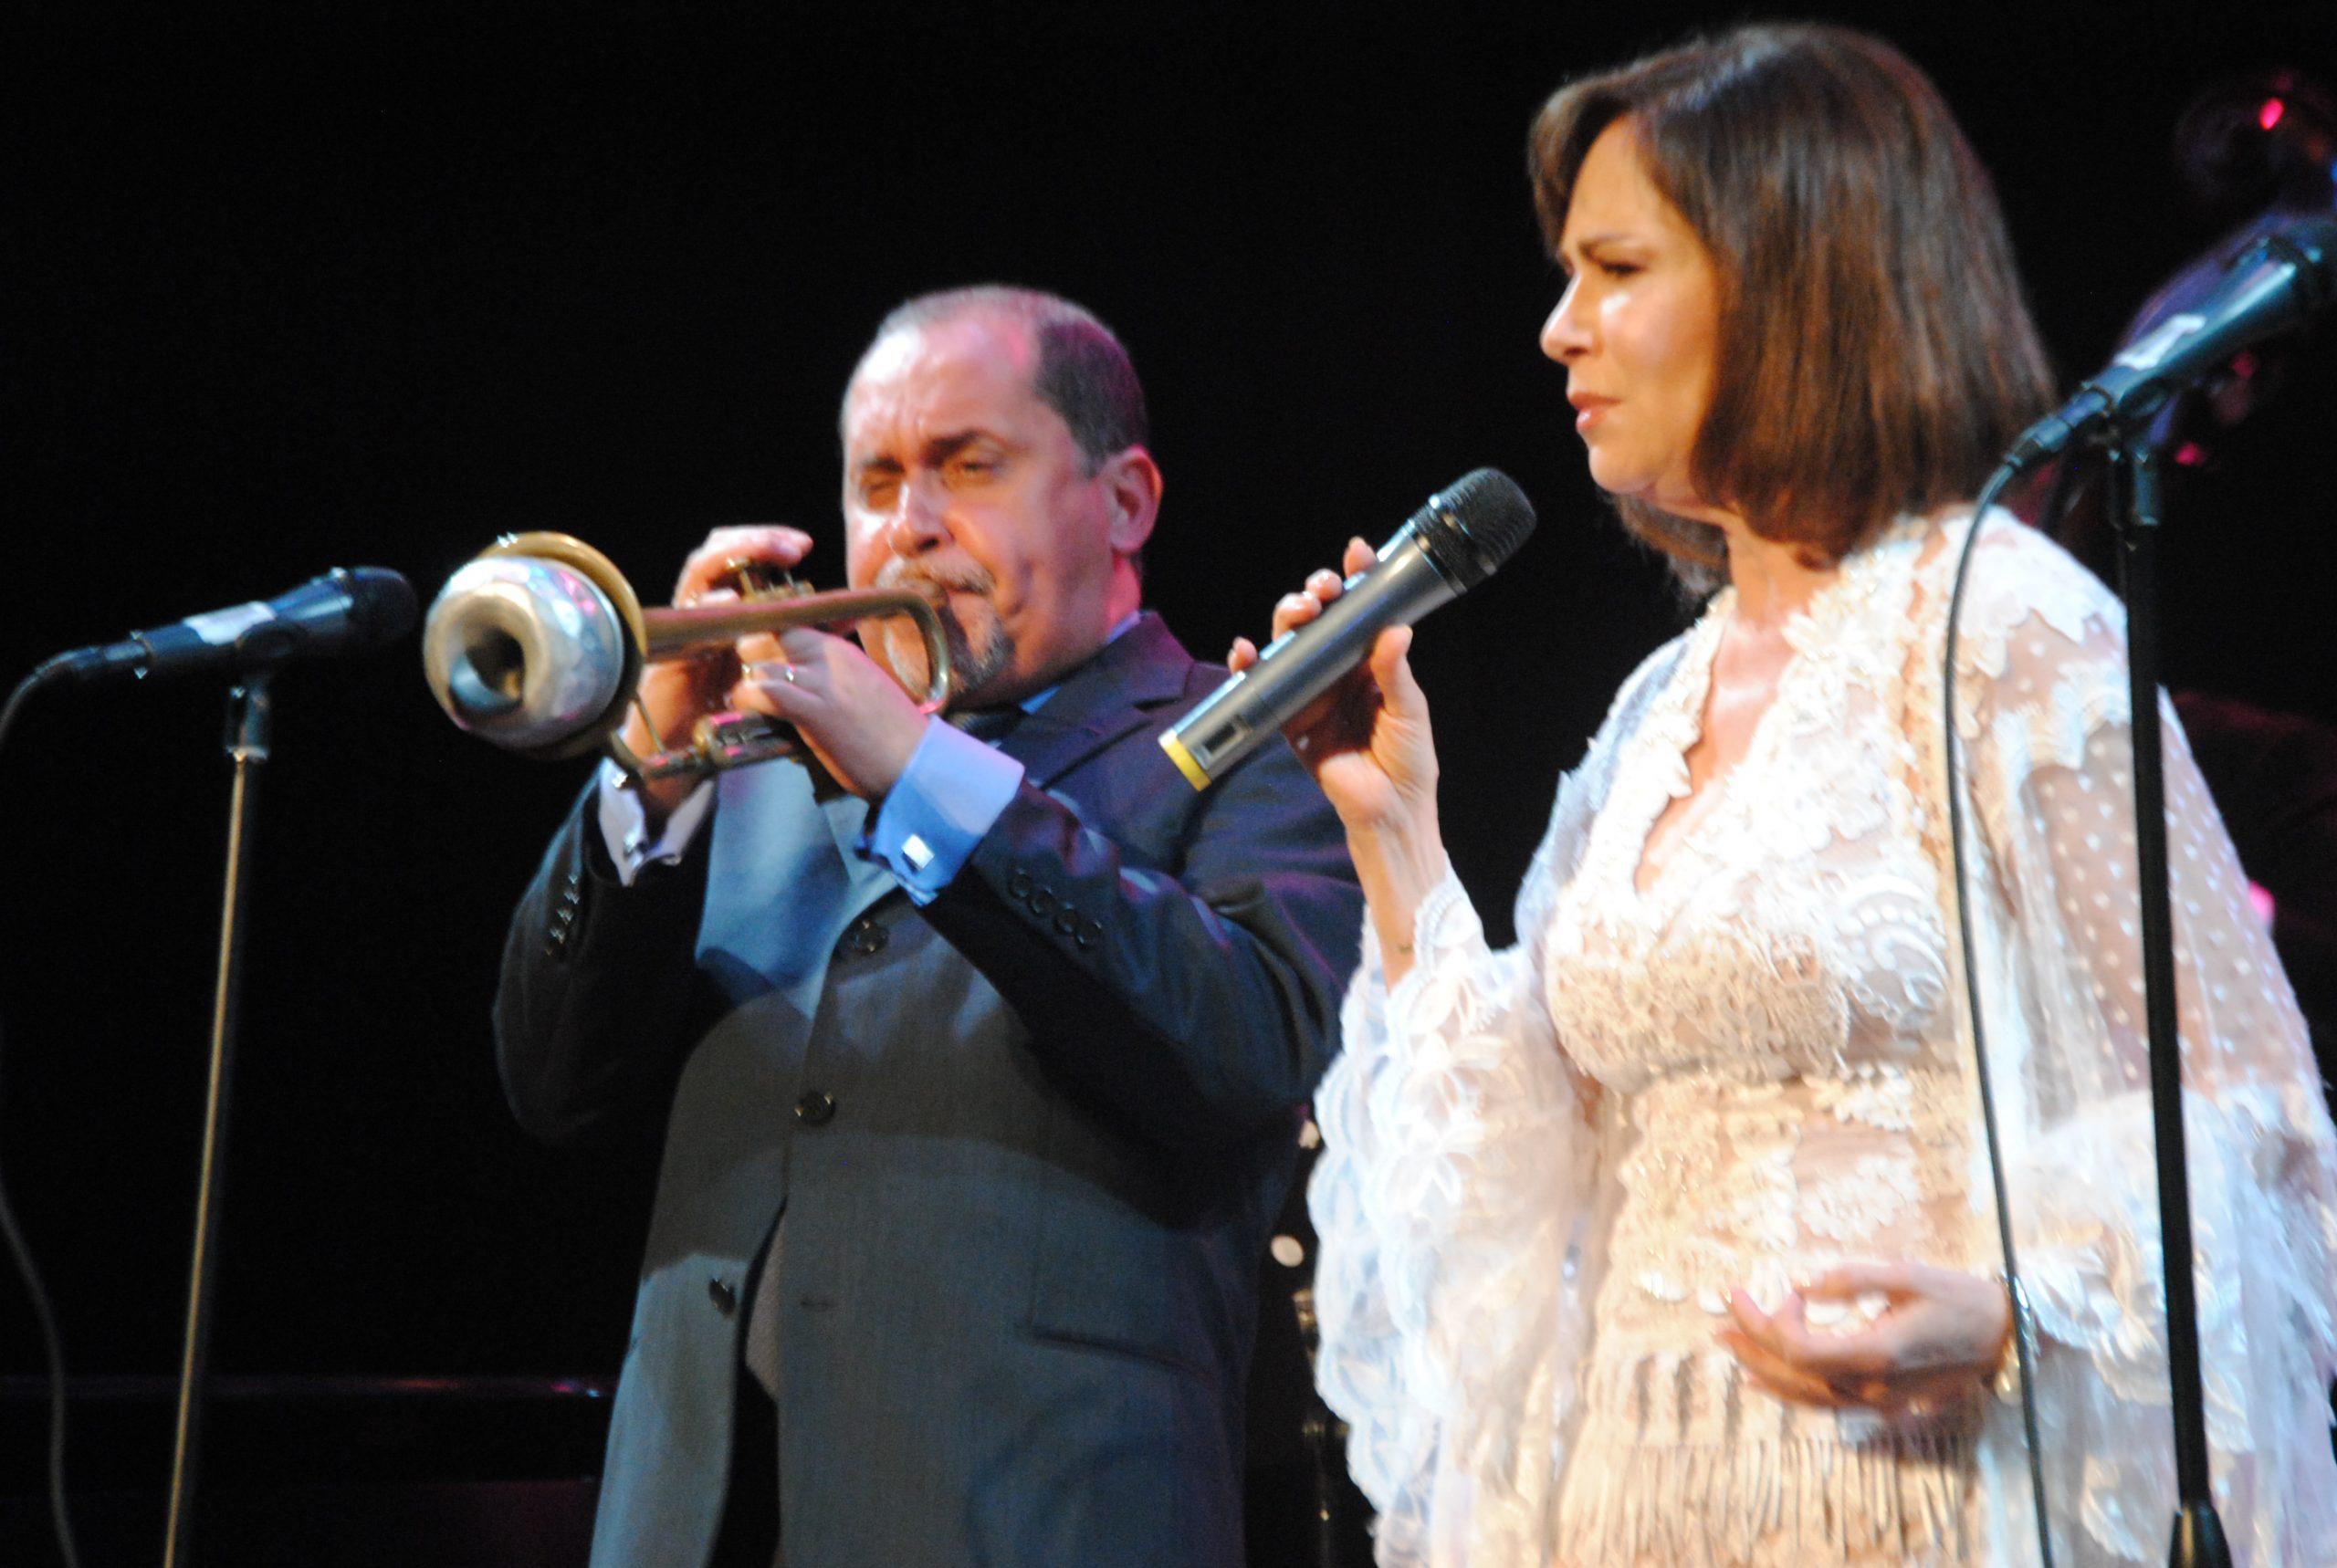 """Nydia Caro aportó sus interpretaciones de los clásicos """"Cry Me a River"""" y """"Vete de mí"""". (Foto Jaime Torres Torres para Fundación Nacional para la Cultura Popular)"""